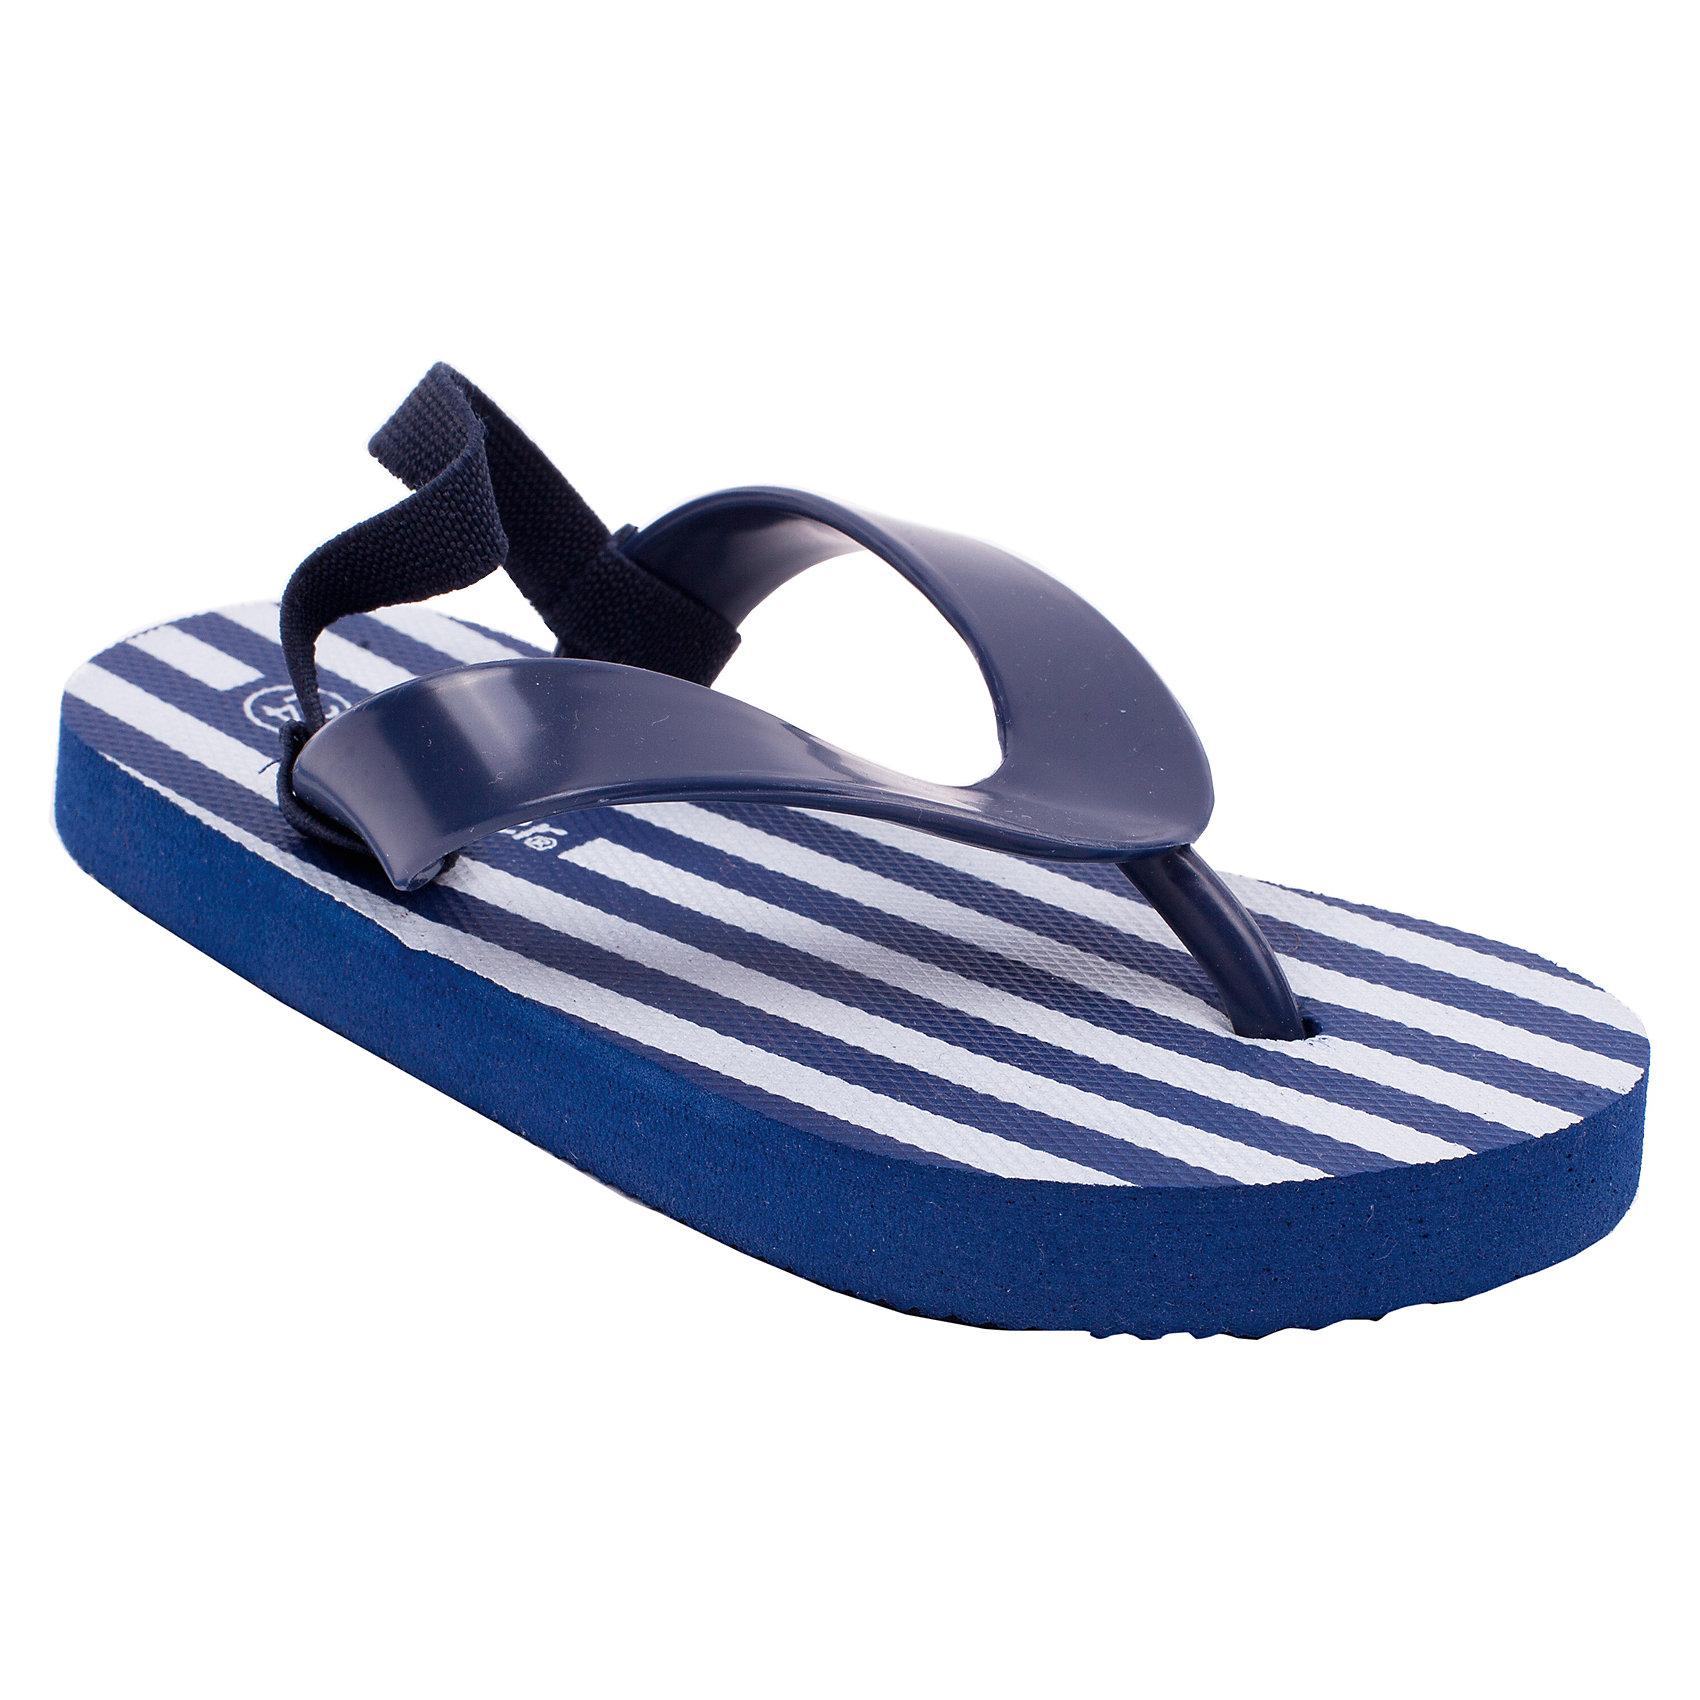 Gulliver Обувь пляжная для мальчика Gulliver пляжная обувь save the queen пляжная обувь